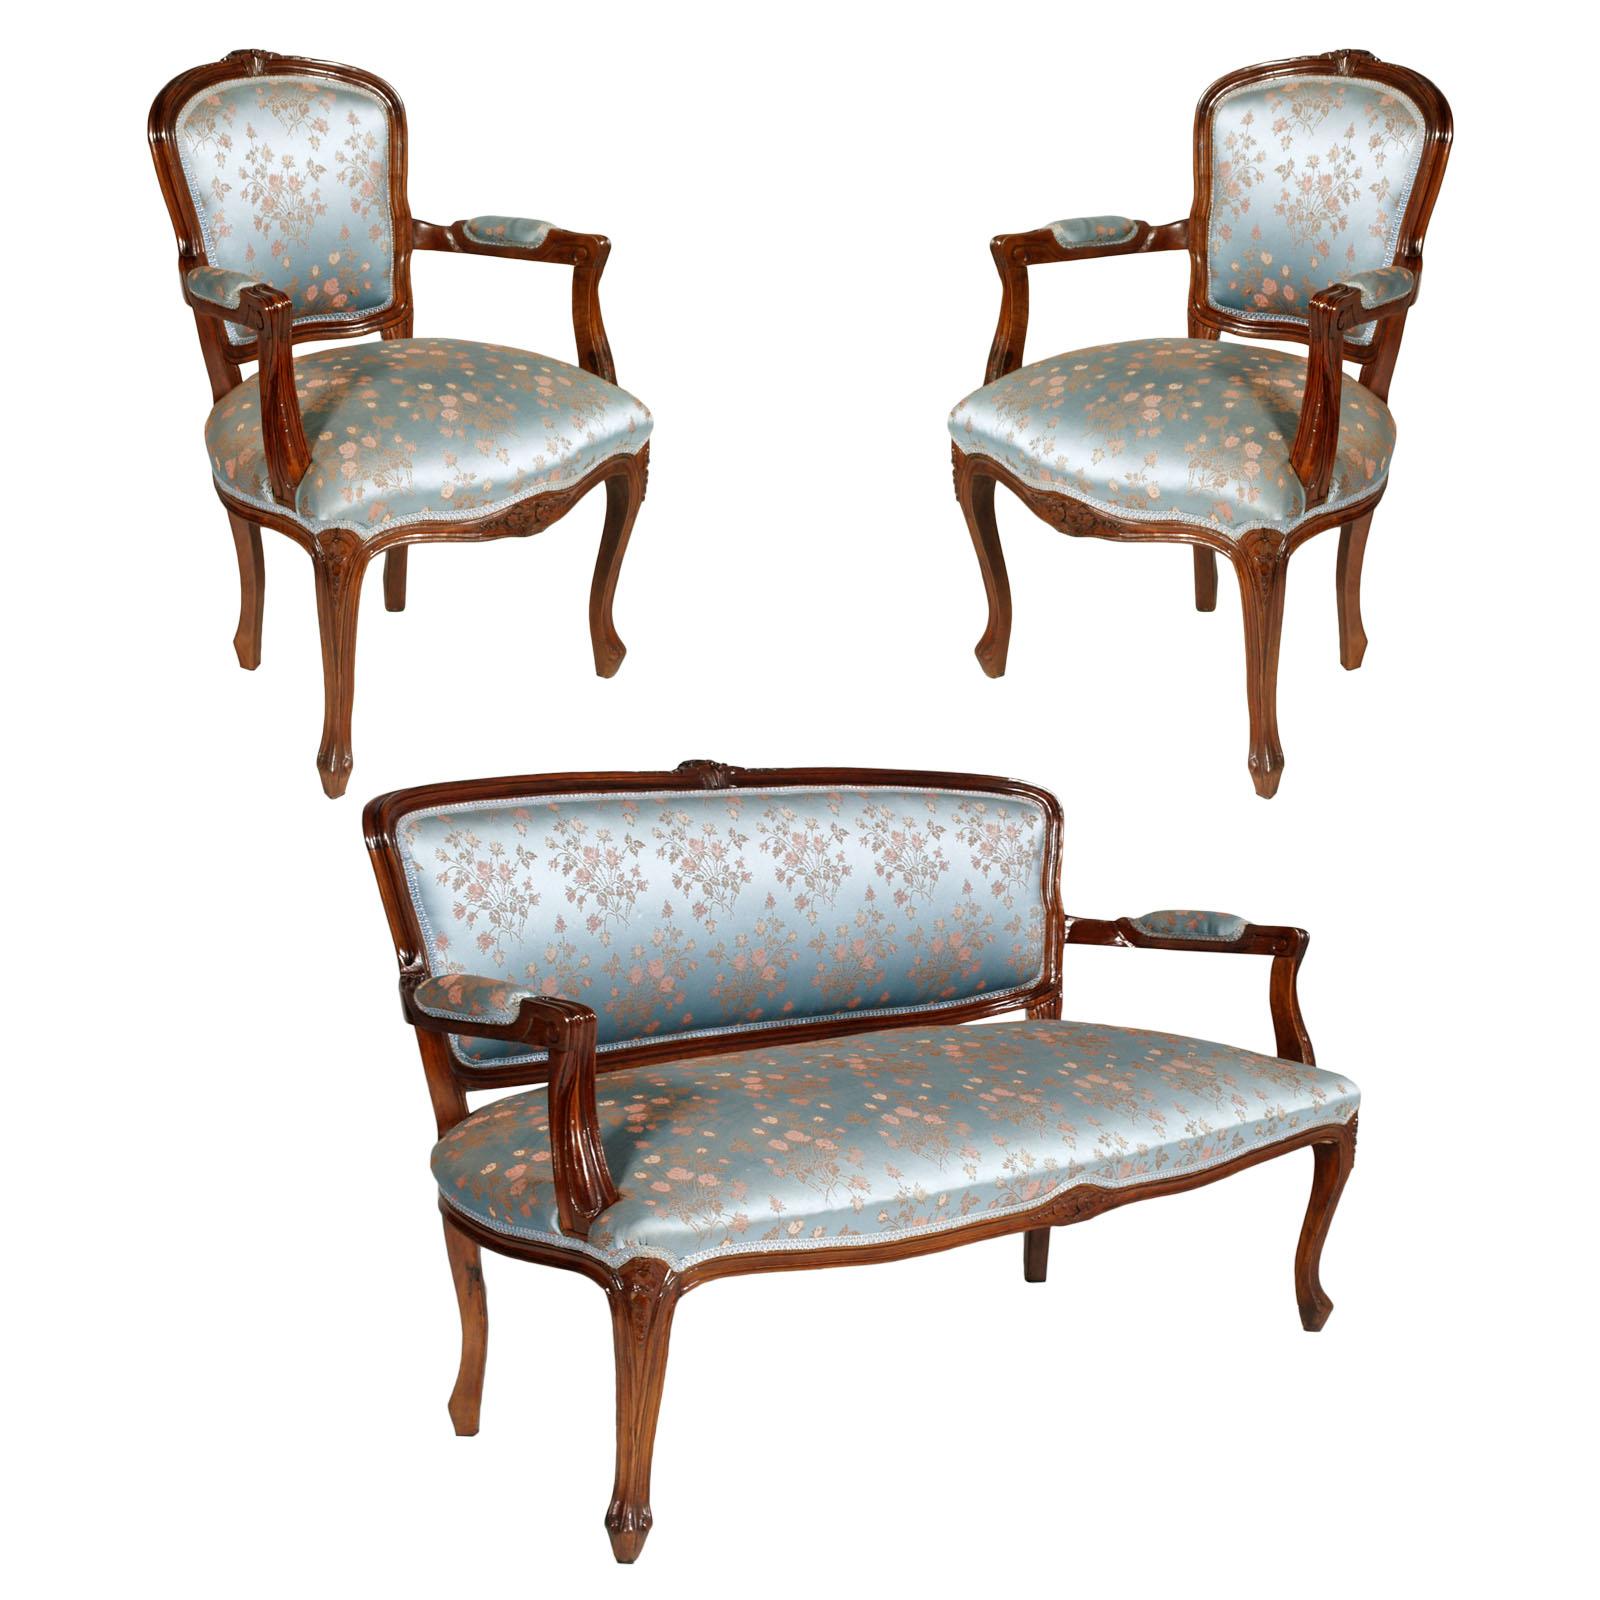 Antique baroque sofa with armchairs divano con poltrone for Divano con poltrone